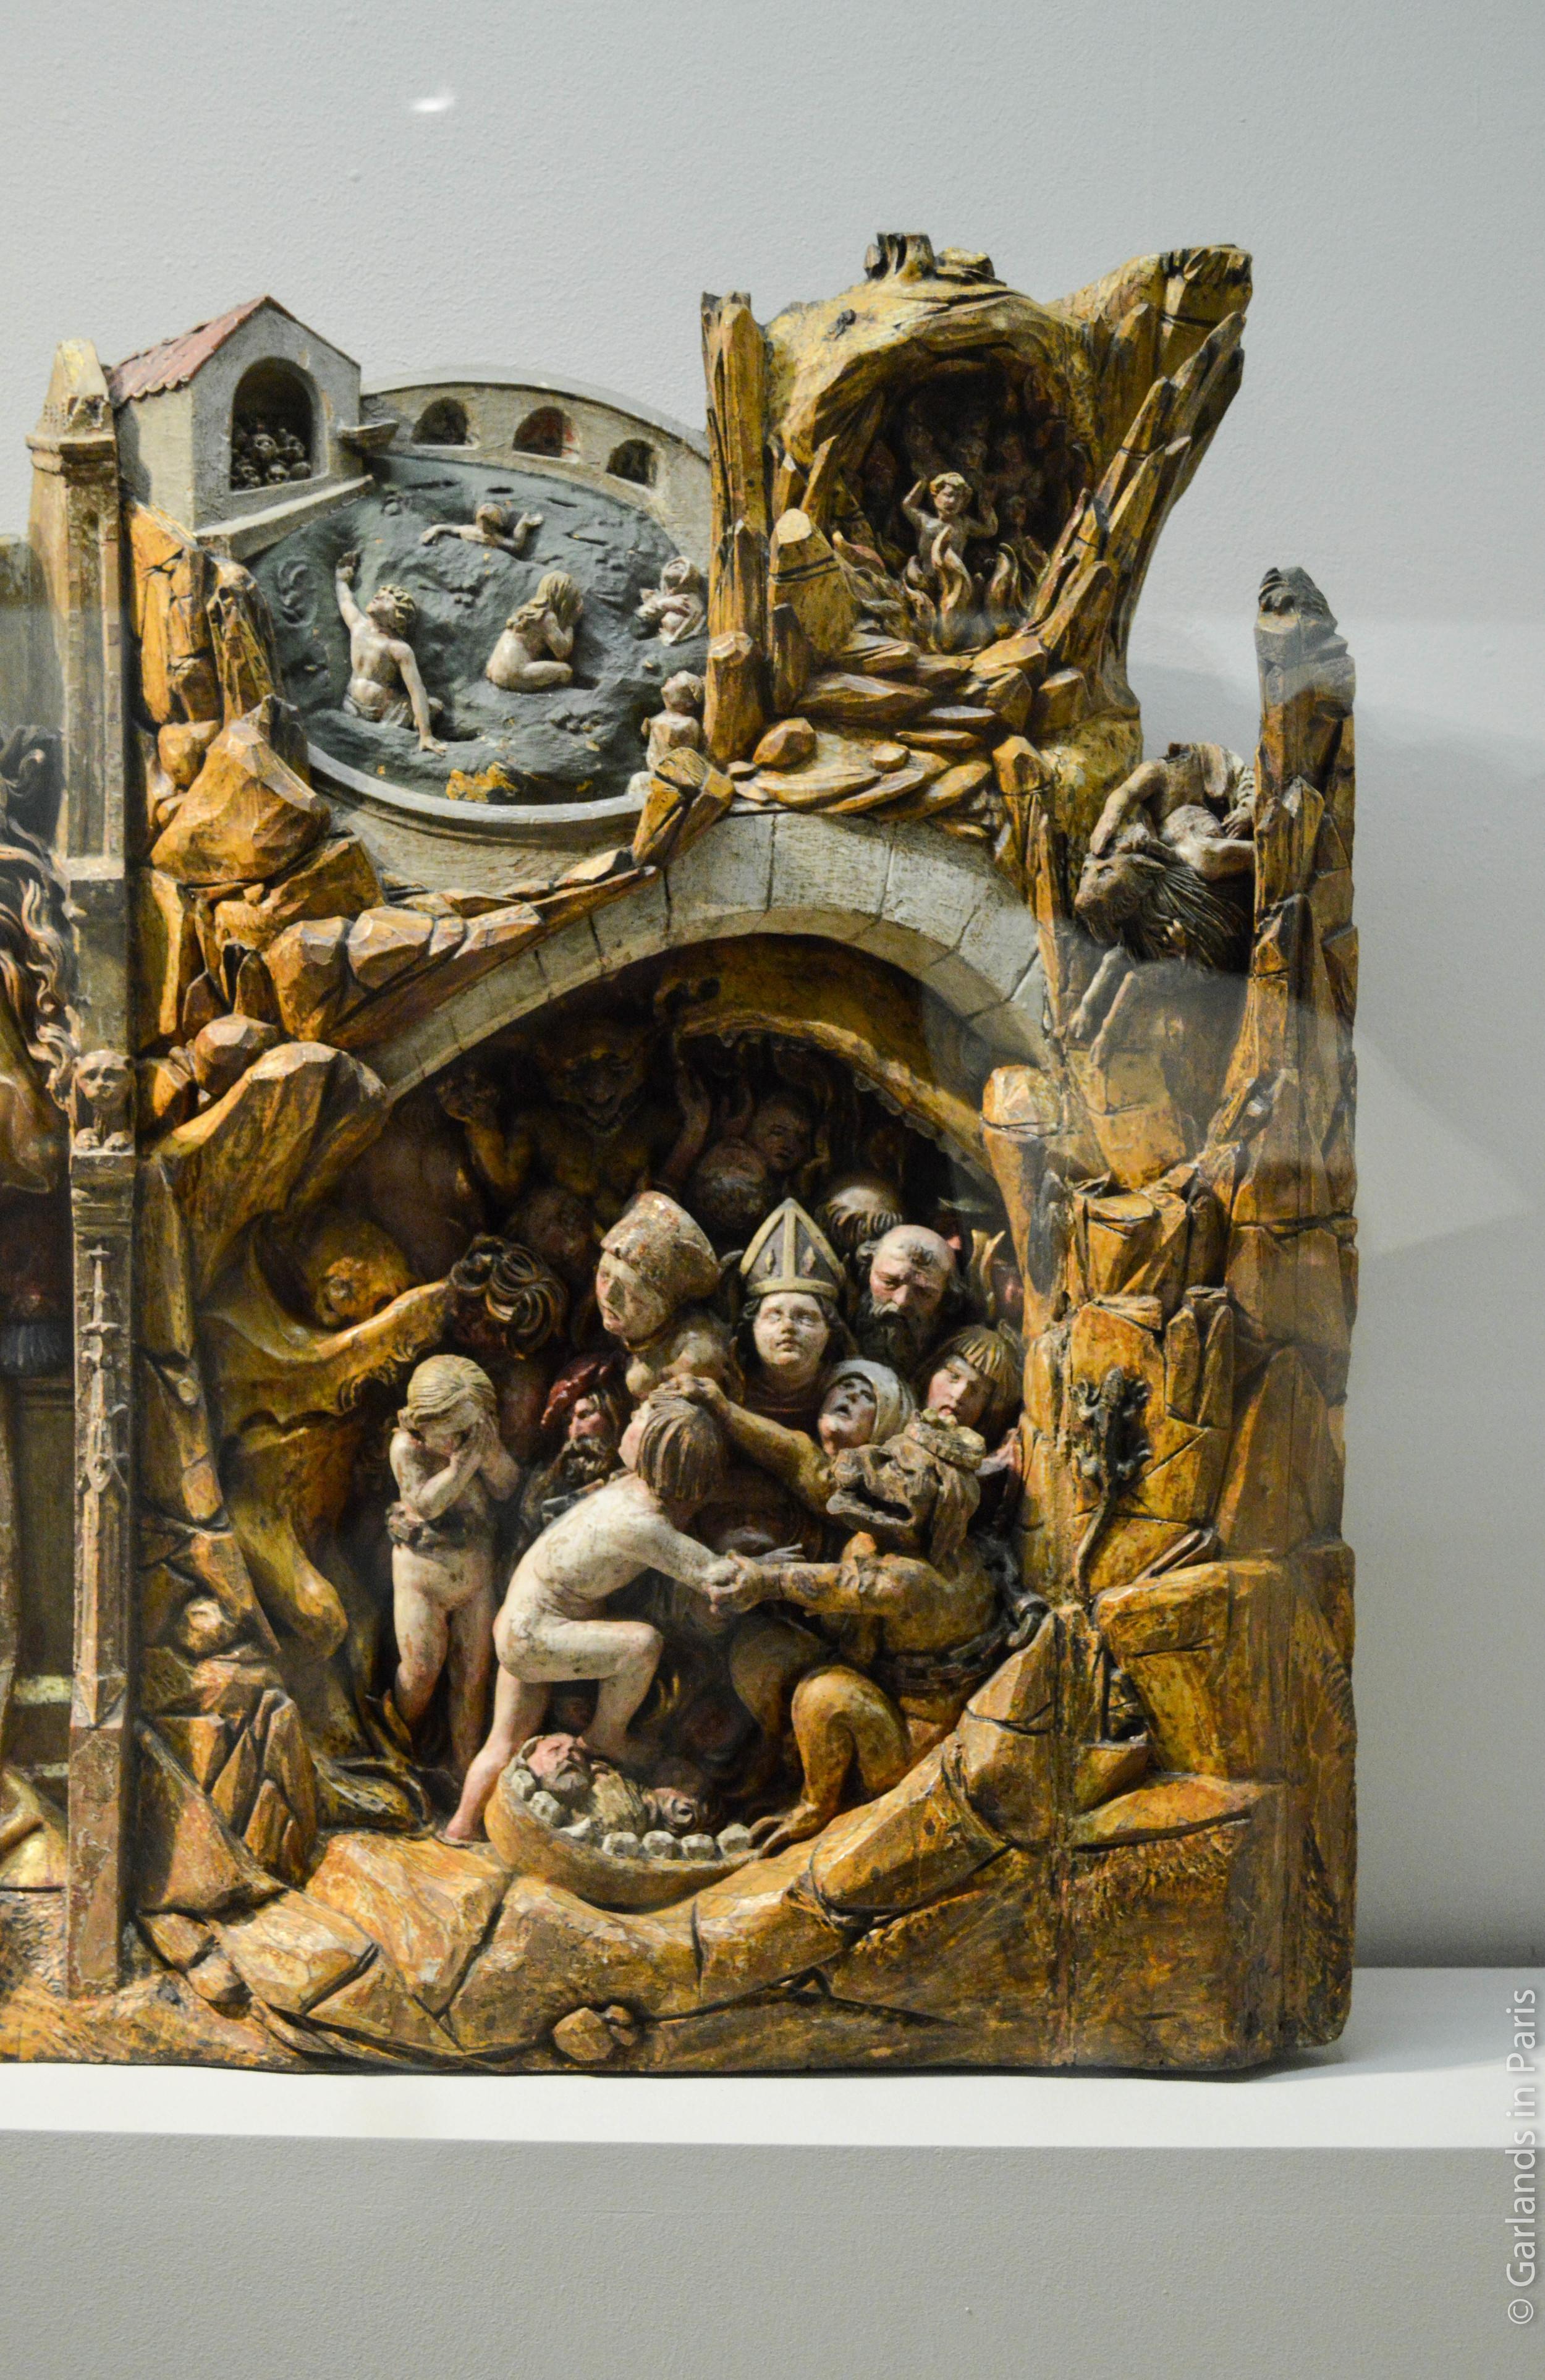 Hell, Exposition Sculptures Souabes, Musée de Cluny, Paris